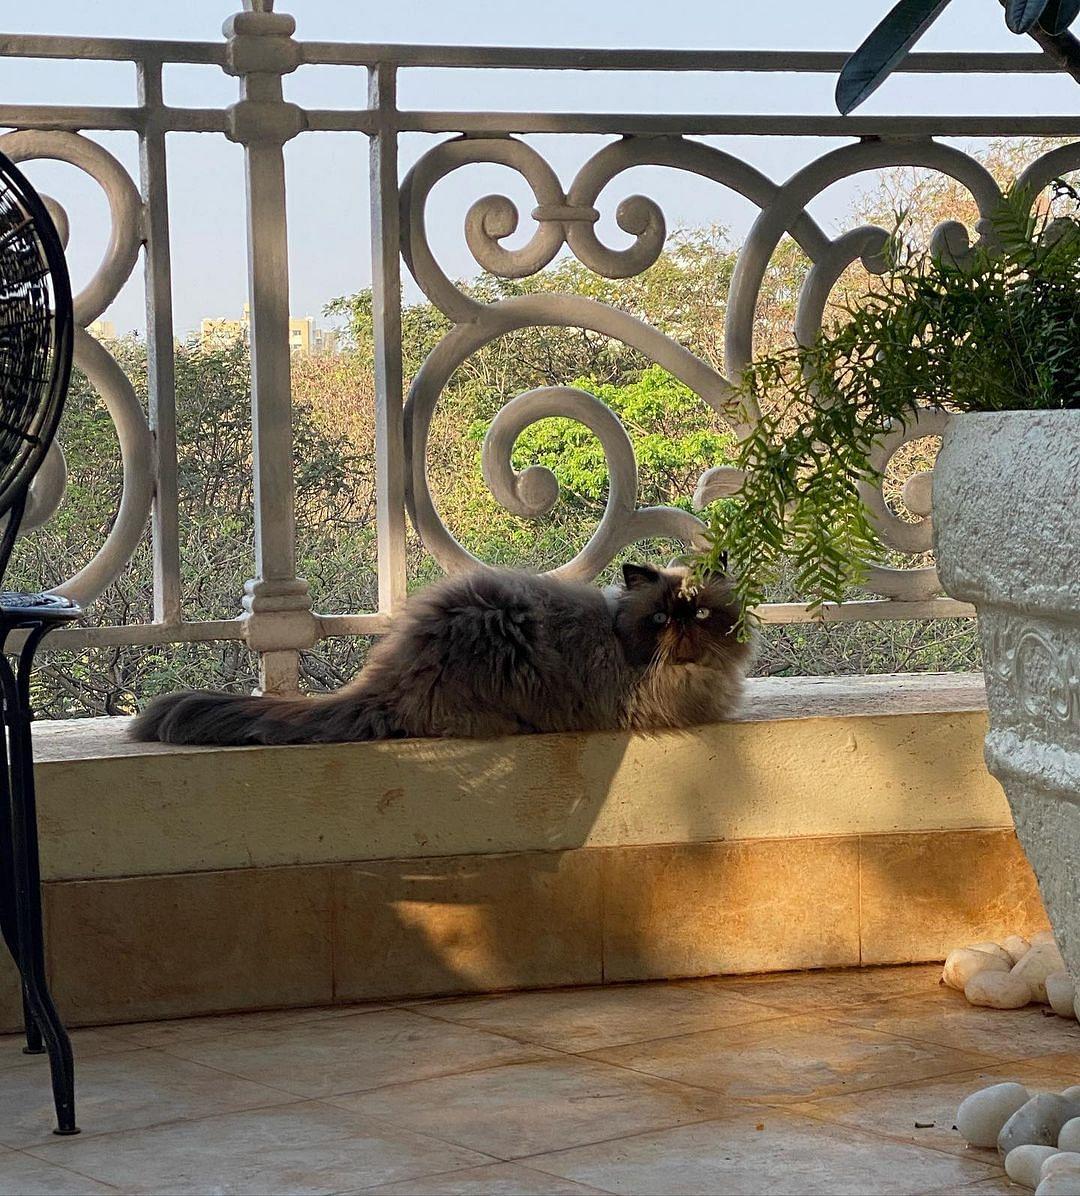 Jacqueline's cat